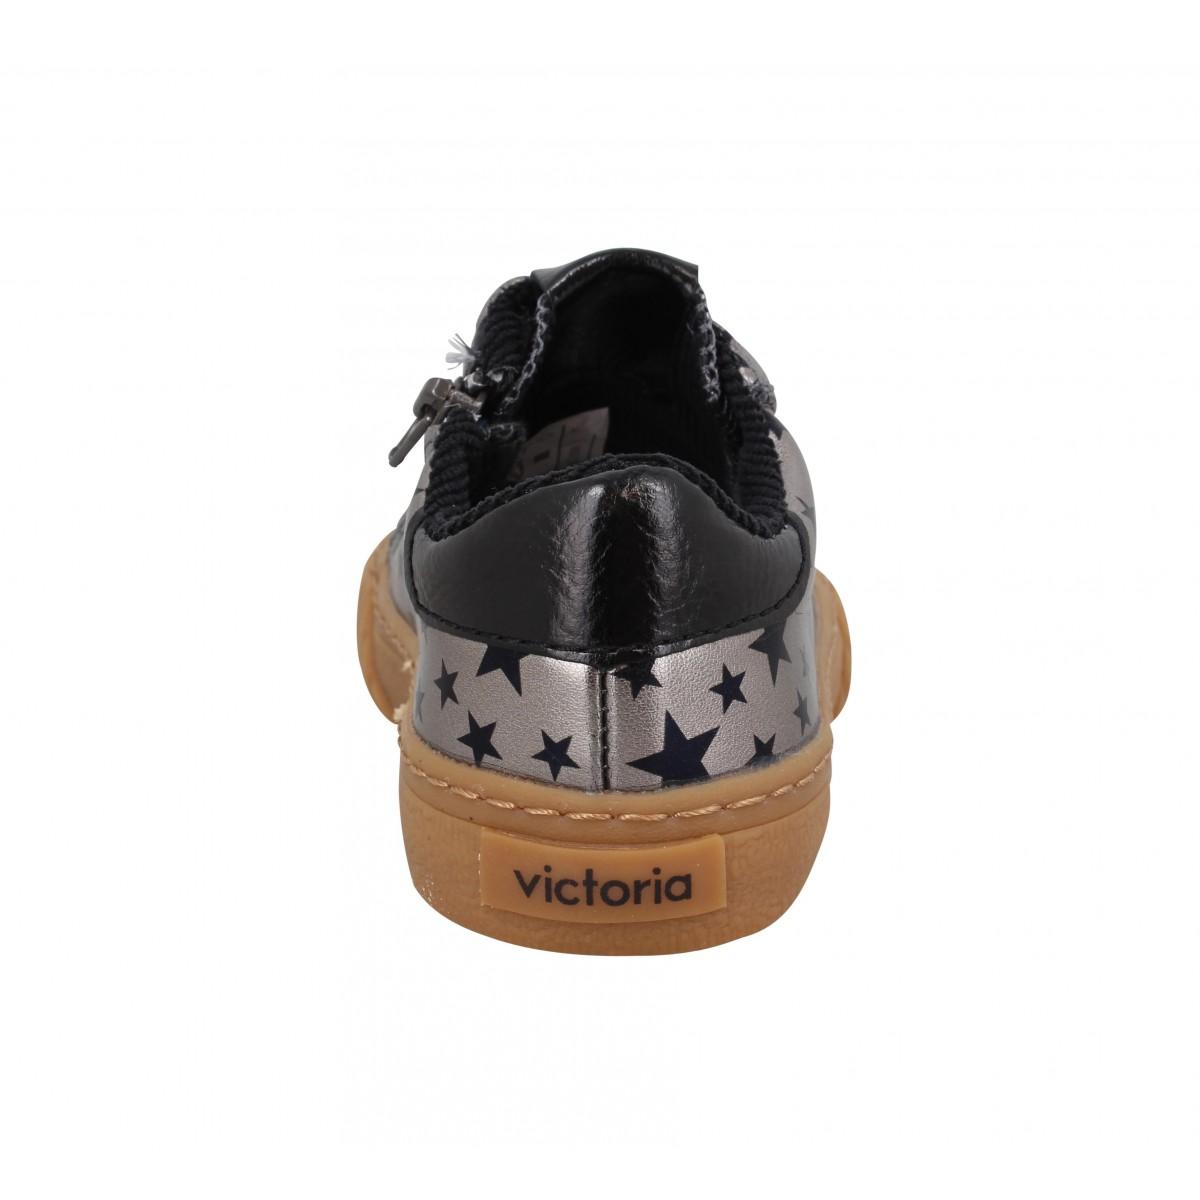 Victoria 10651 etoile enfant anthracite enfants | Fanny